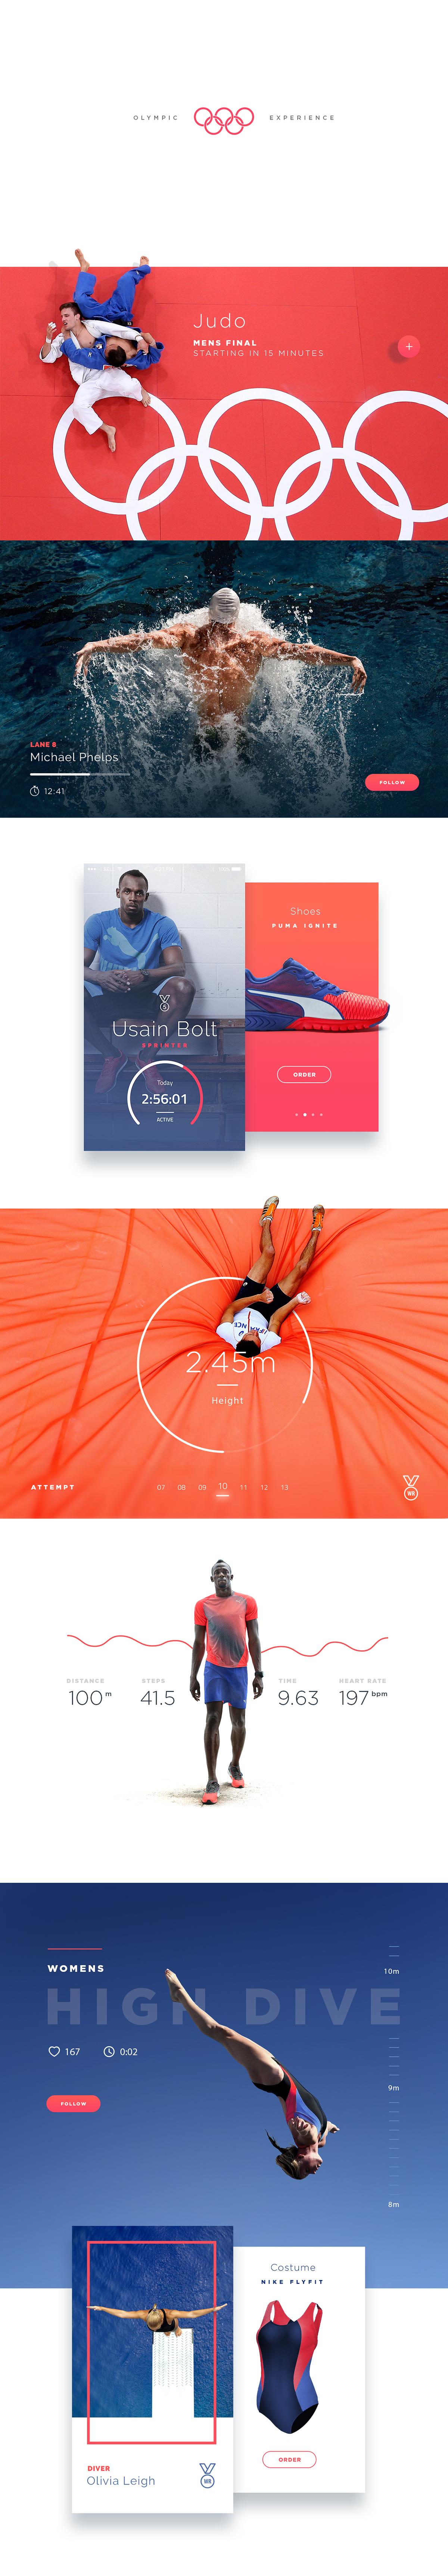 Website design ux UI Olympics rio Interaction design